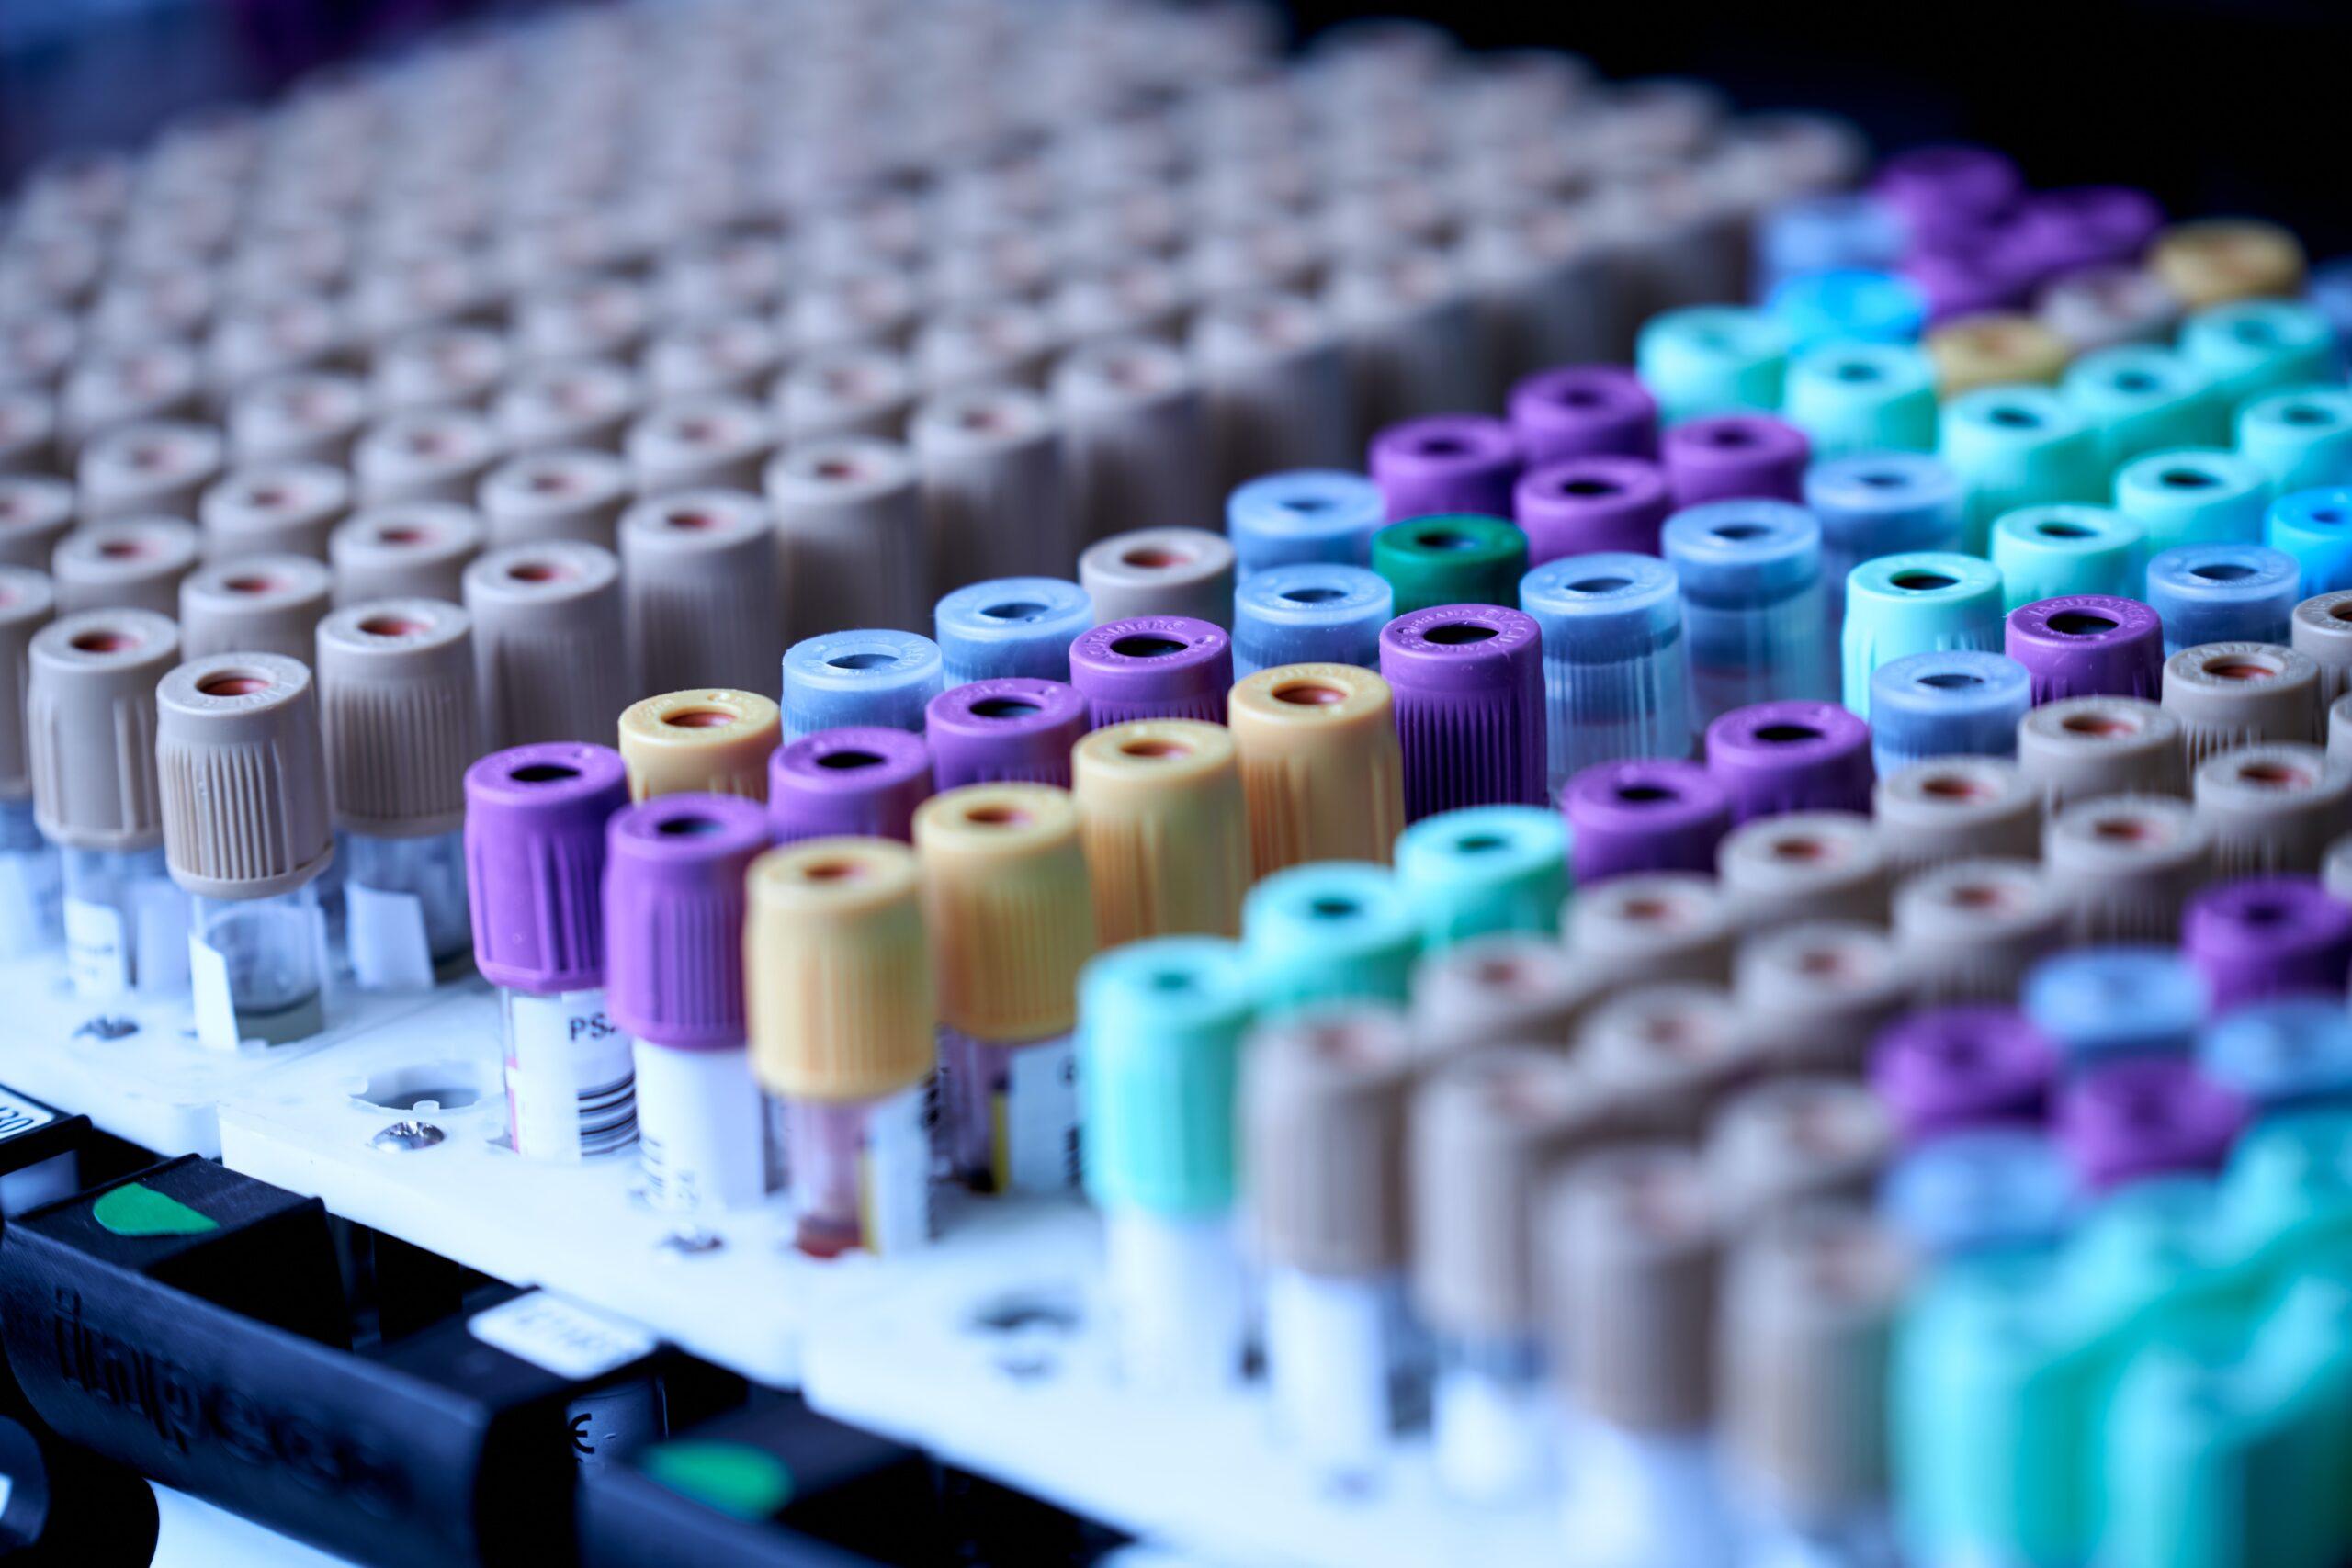 wiele kolorowych próbek znajdujących się w punkcie pobrań